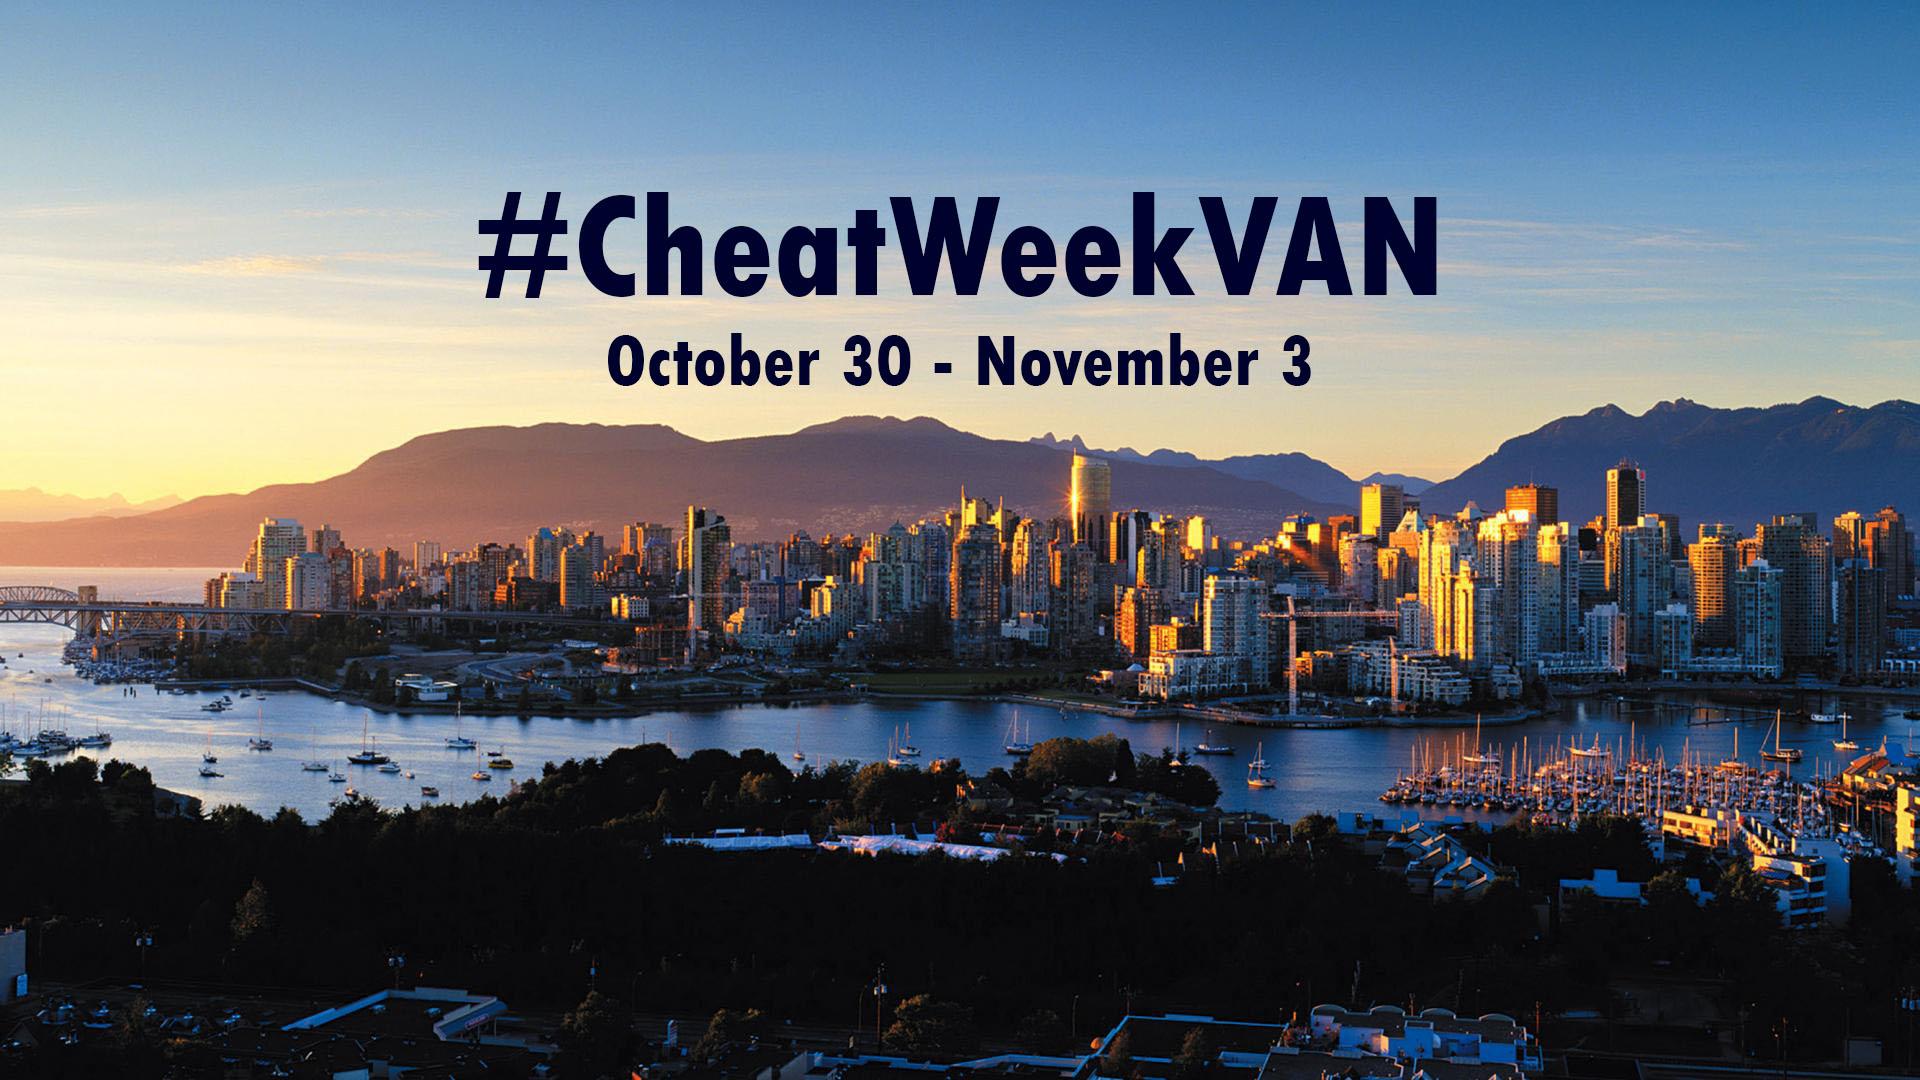 vancouver cheat week instagram.jpg